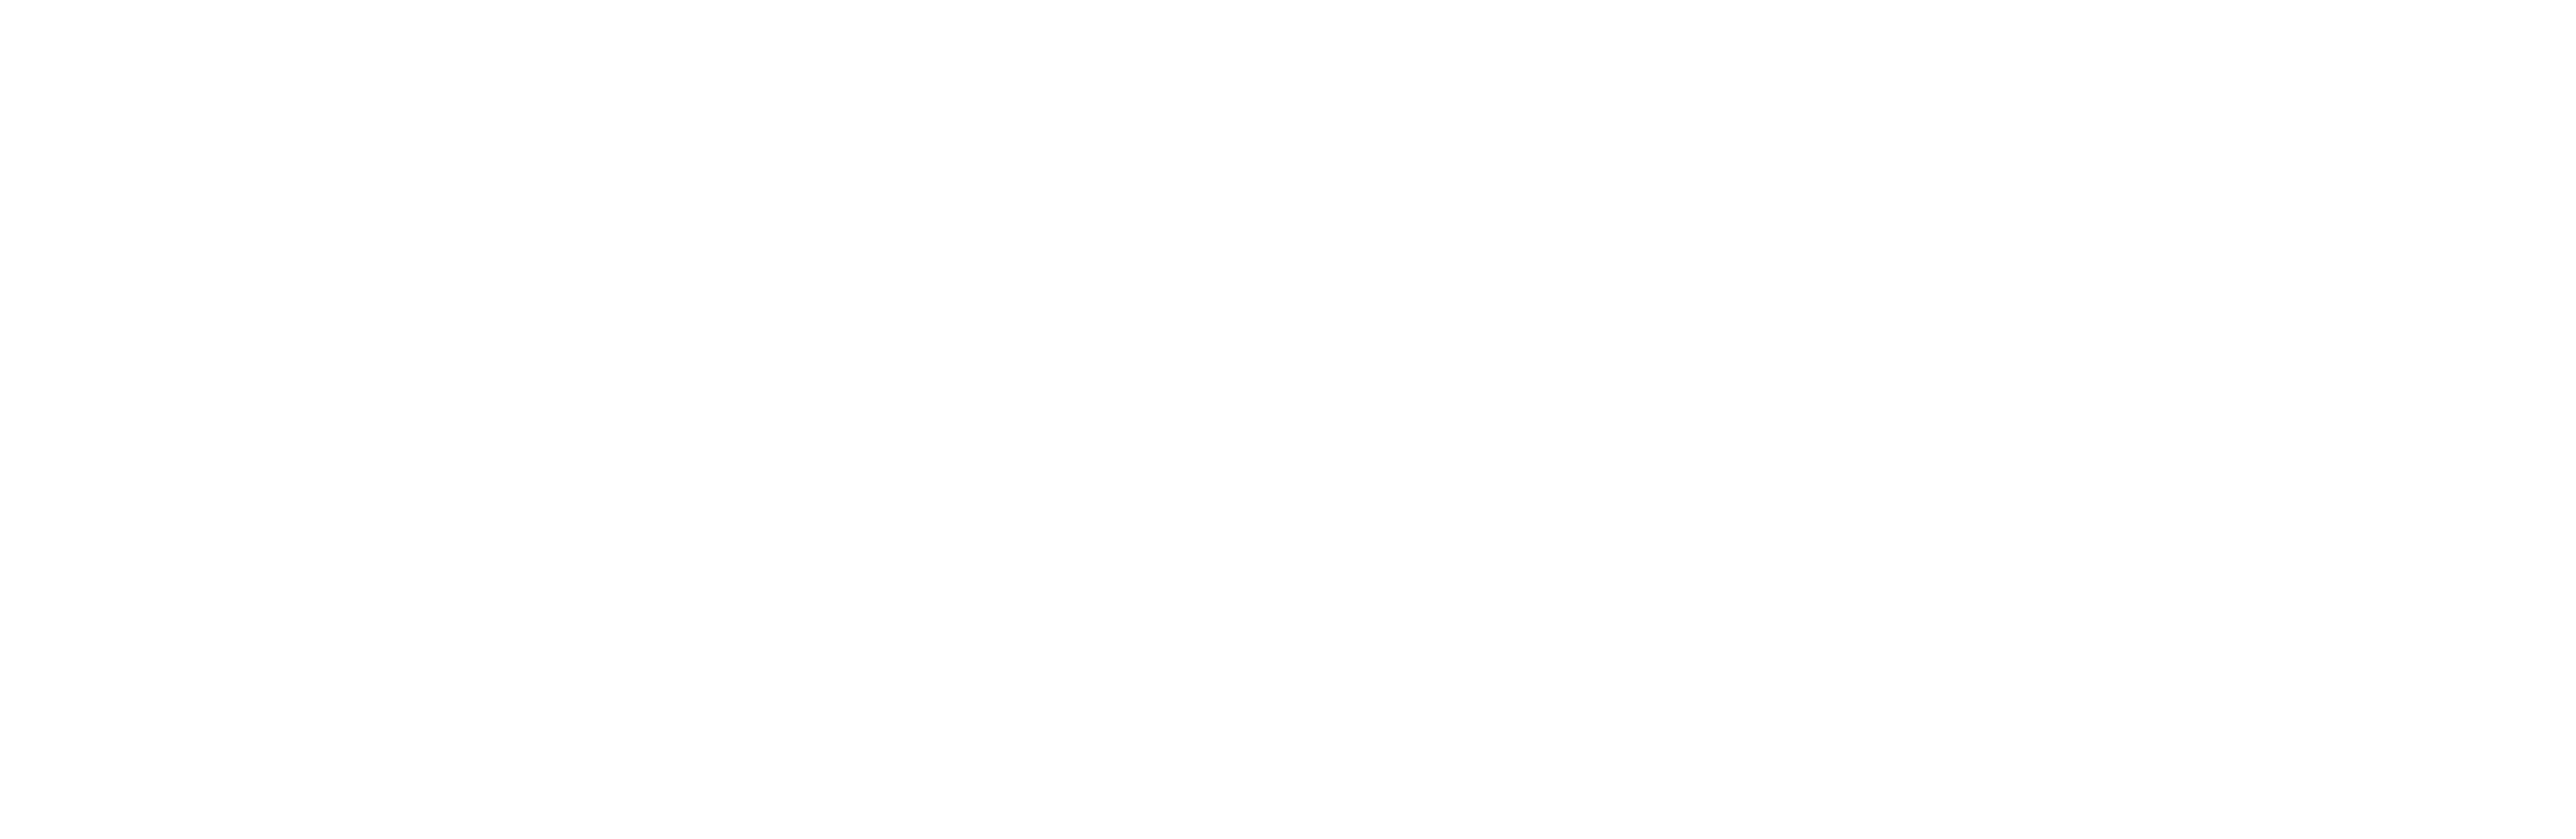 Databook Help Center